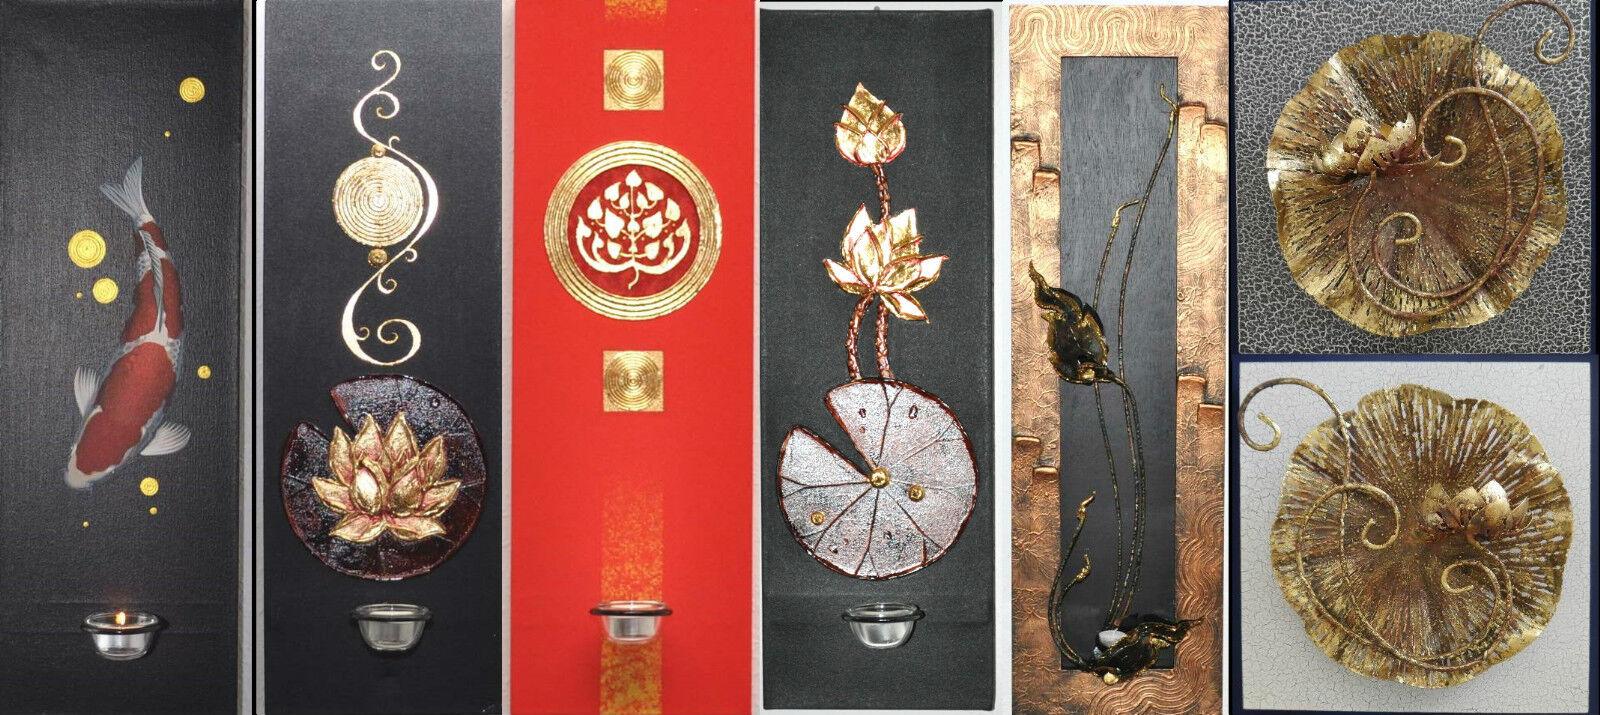 Ölgemälde Wandleuchter Kerzenhalter Koi Lotus etc f.Teelicht, div. tolle Modelle | Elegant Und Würdevoll